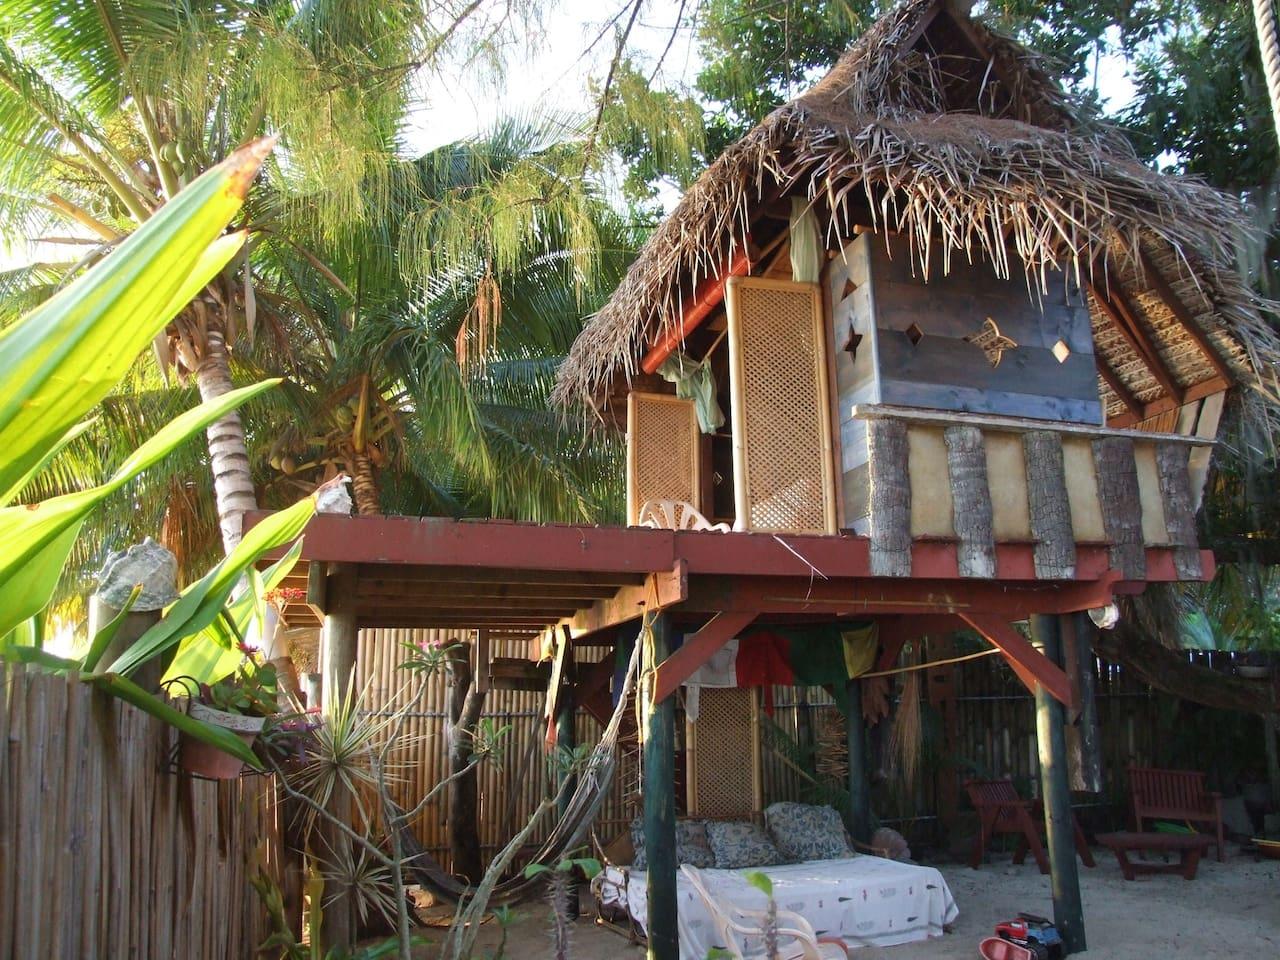 cabane sur pilotis à Punaauia